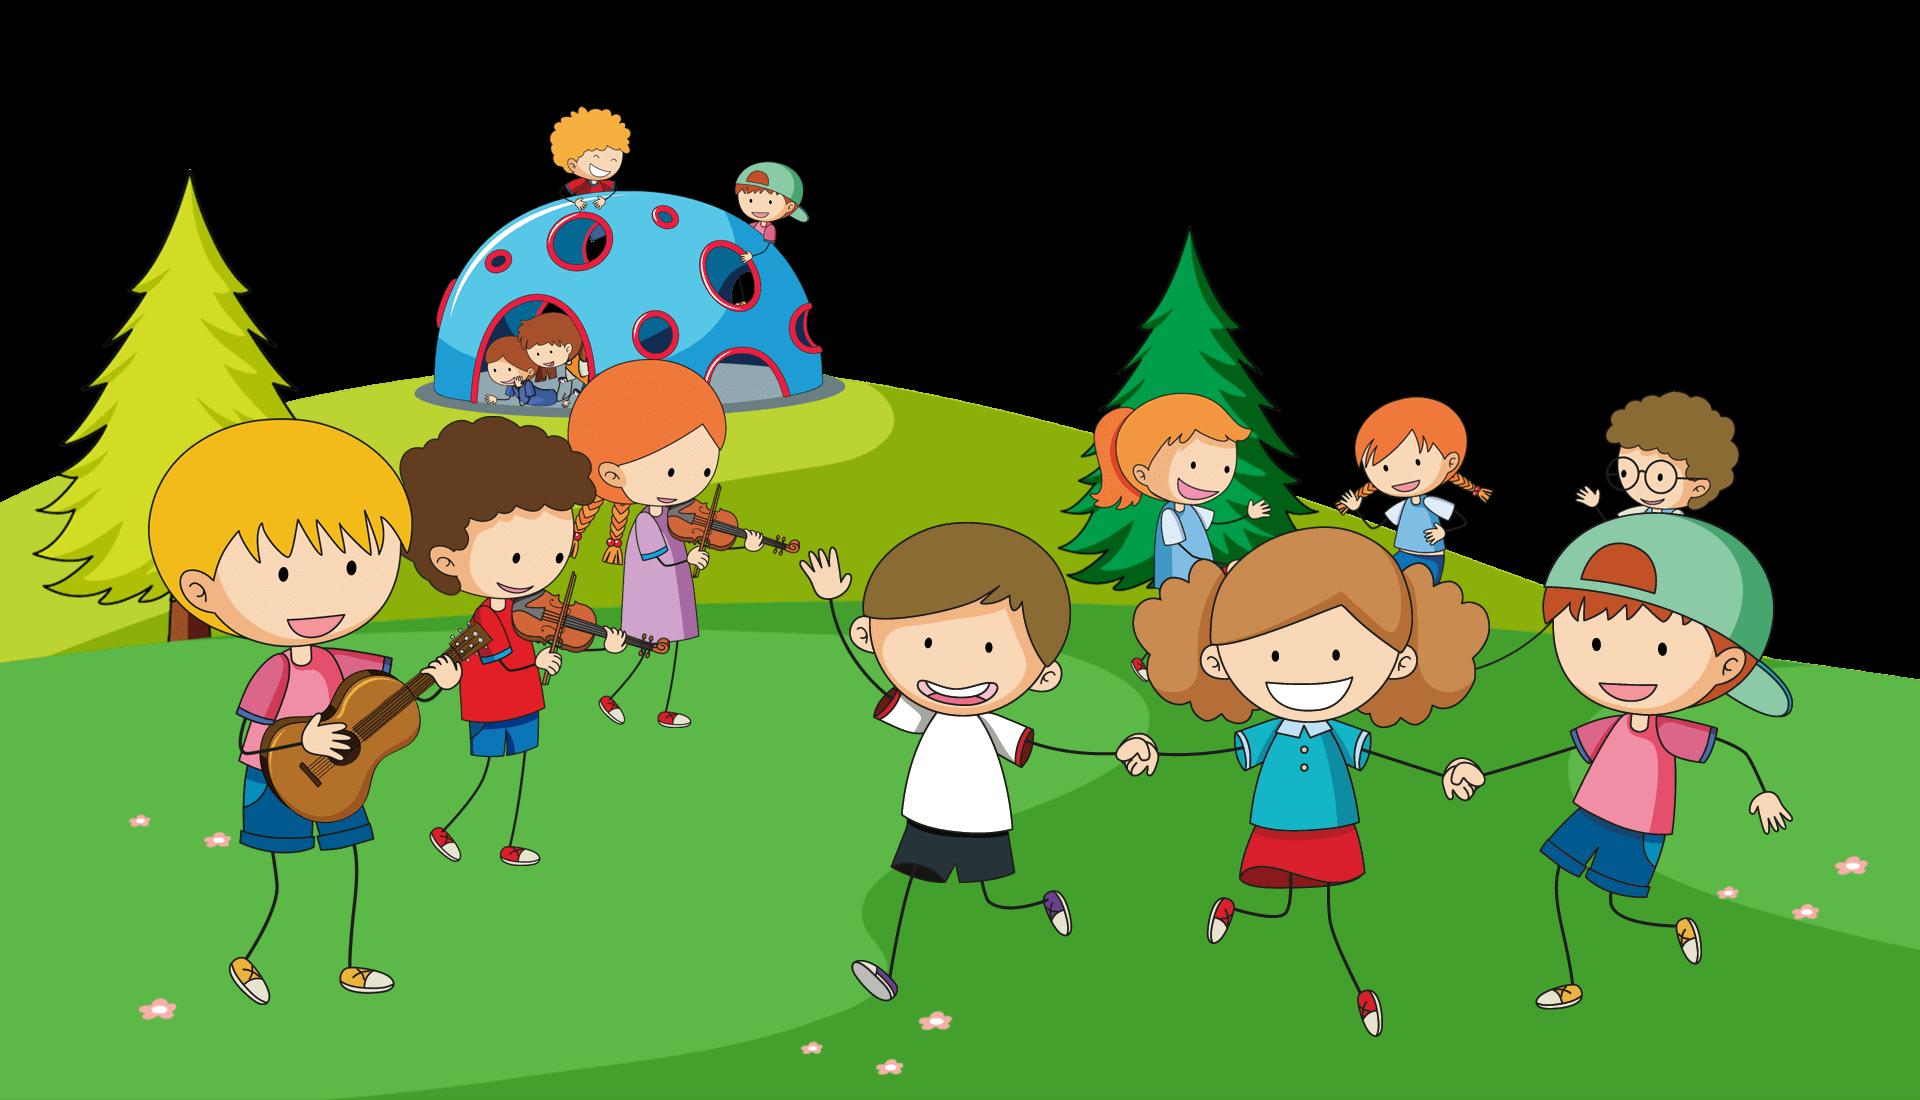 gyerekek játszanak a mezőn